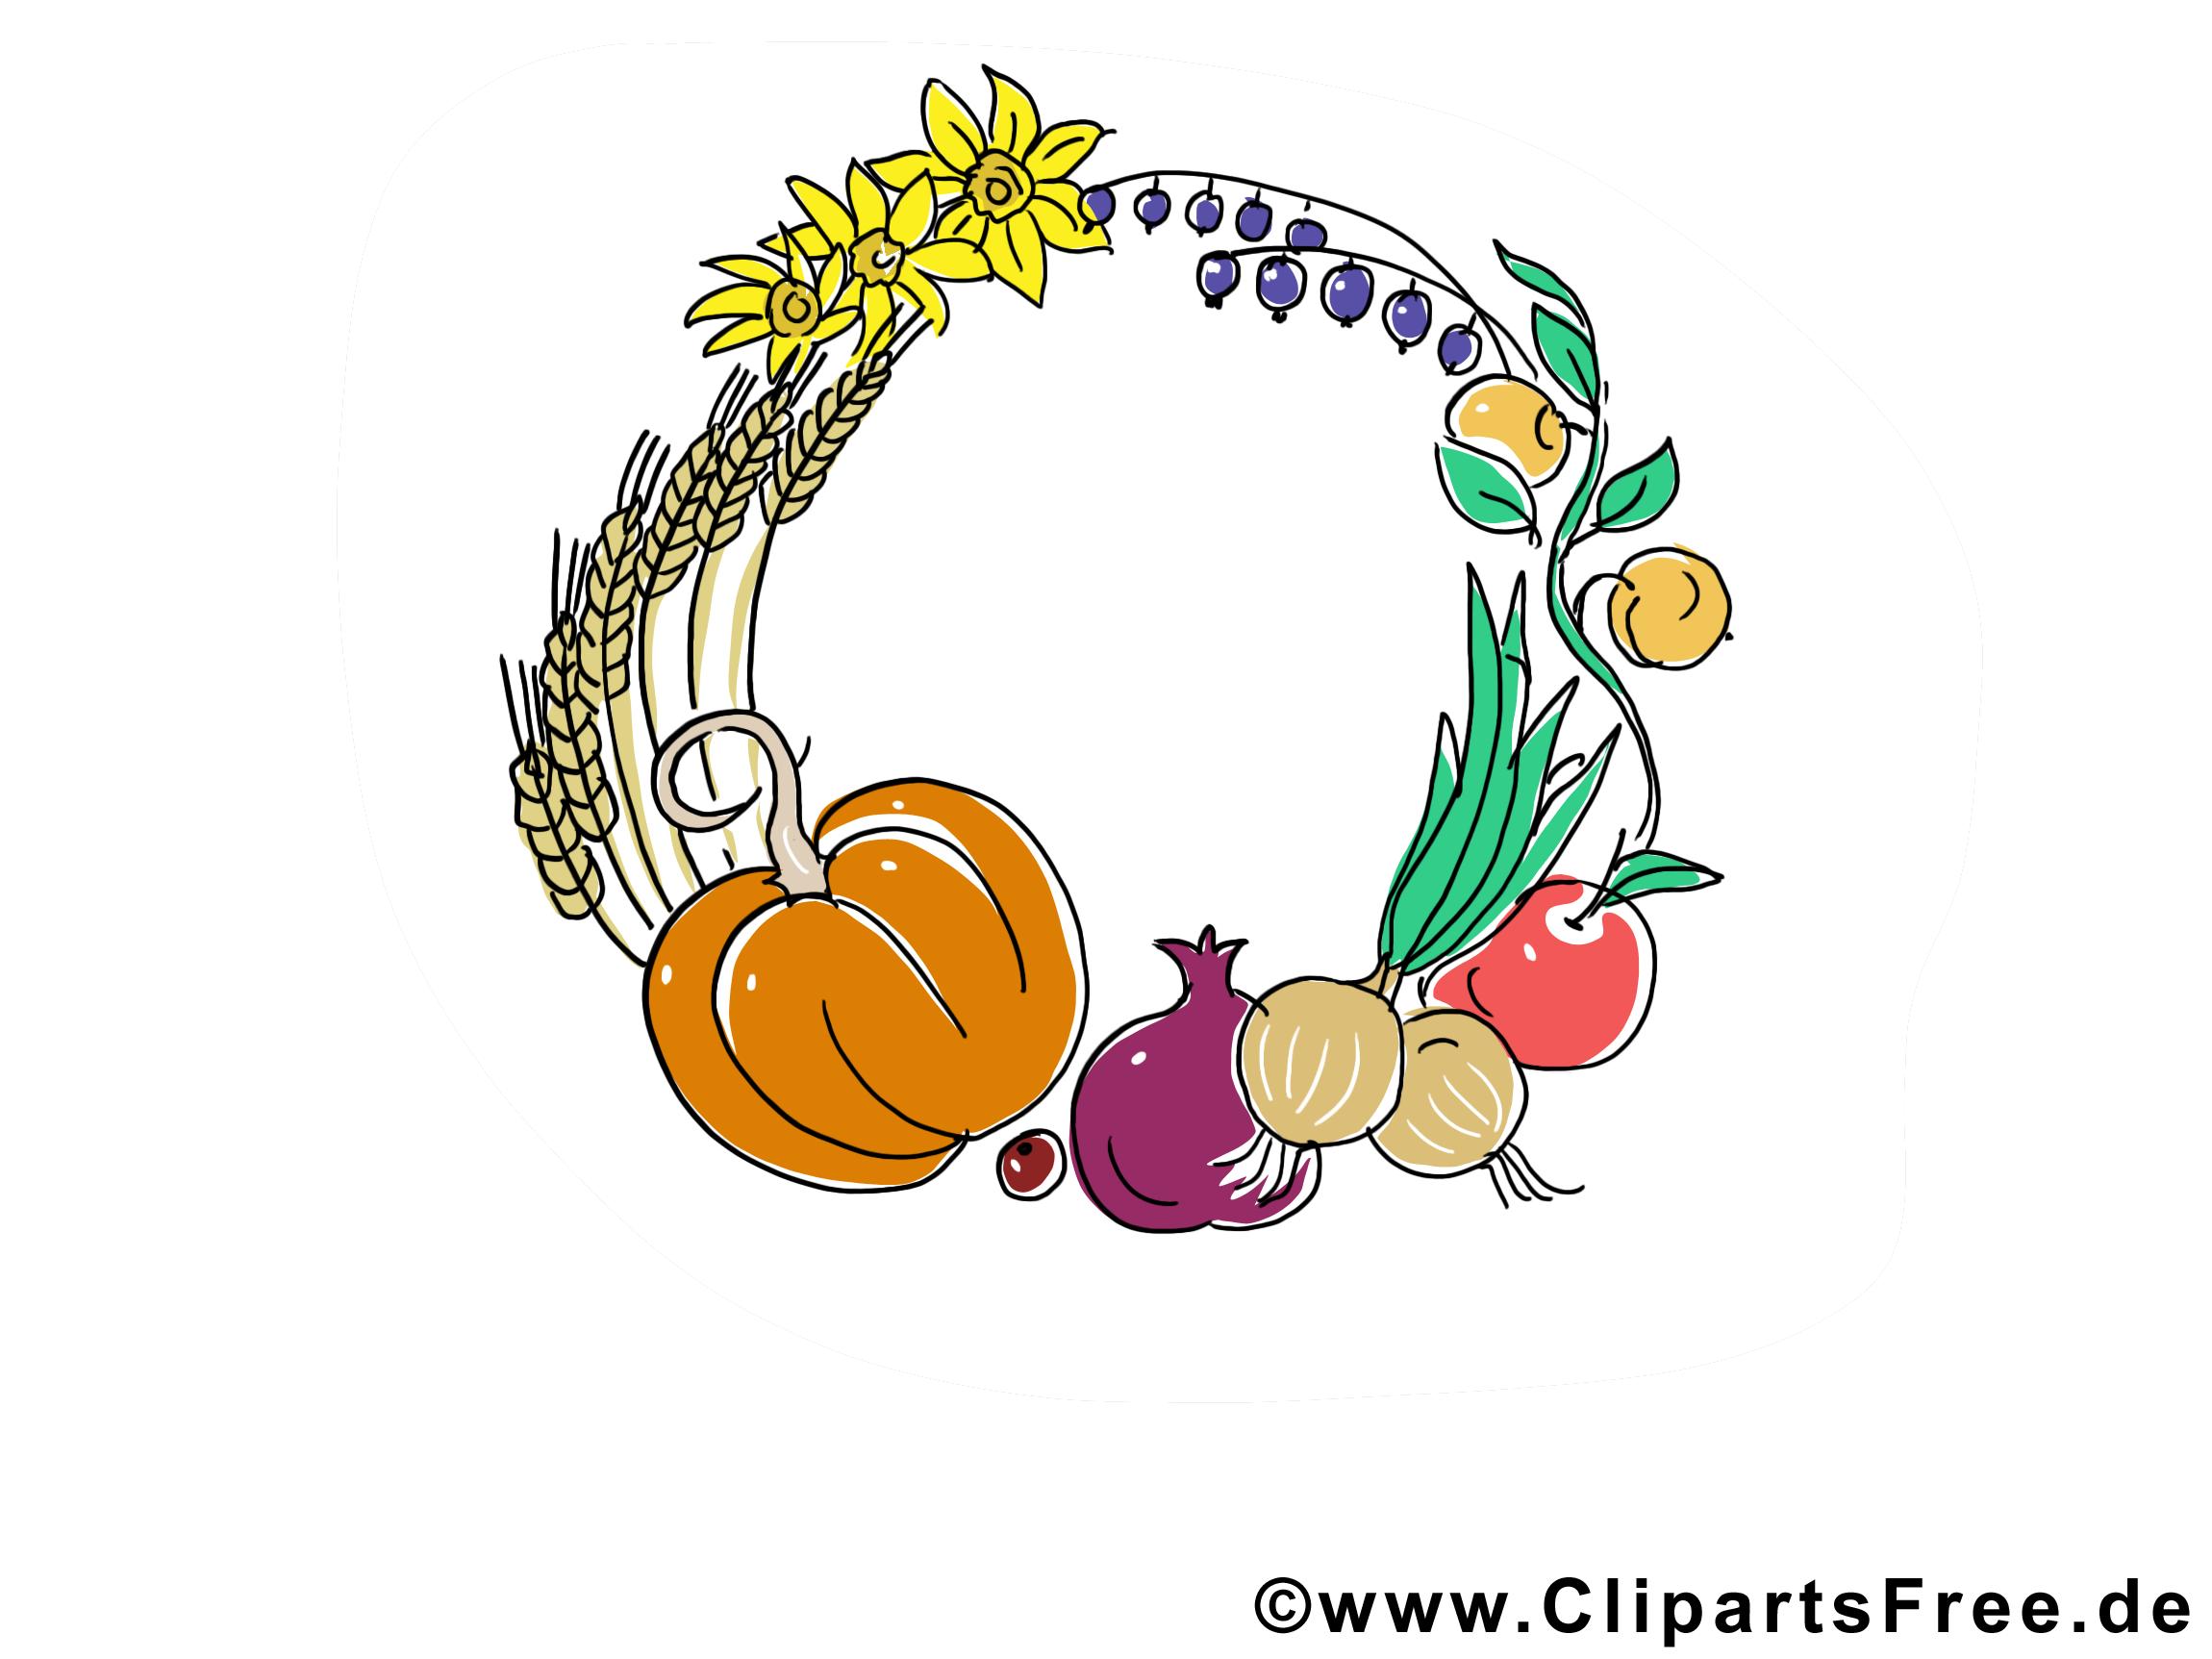 Légumes images gratuites – Automne clipart